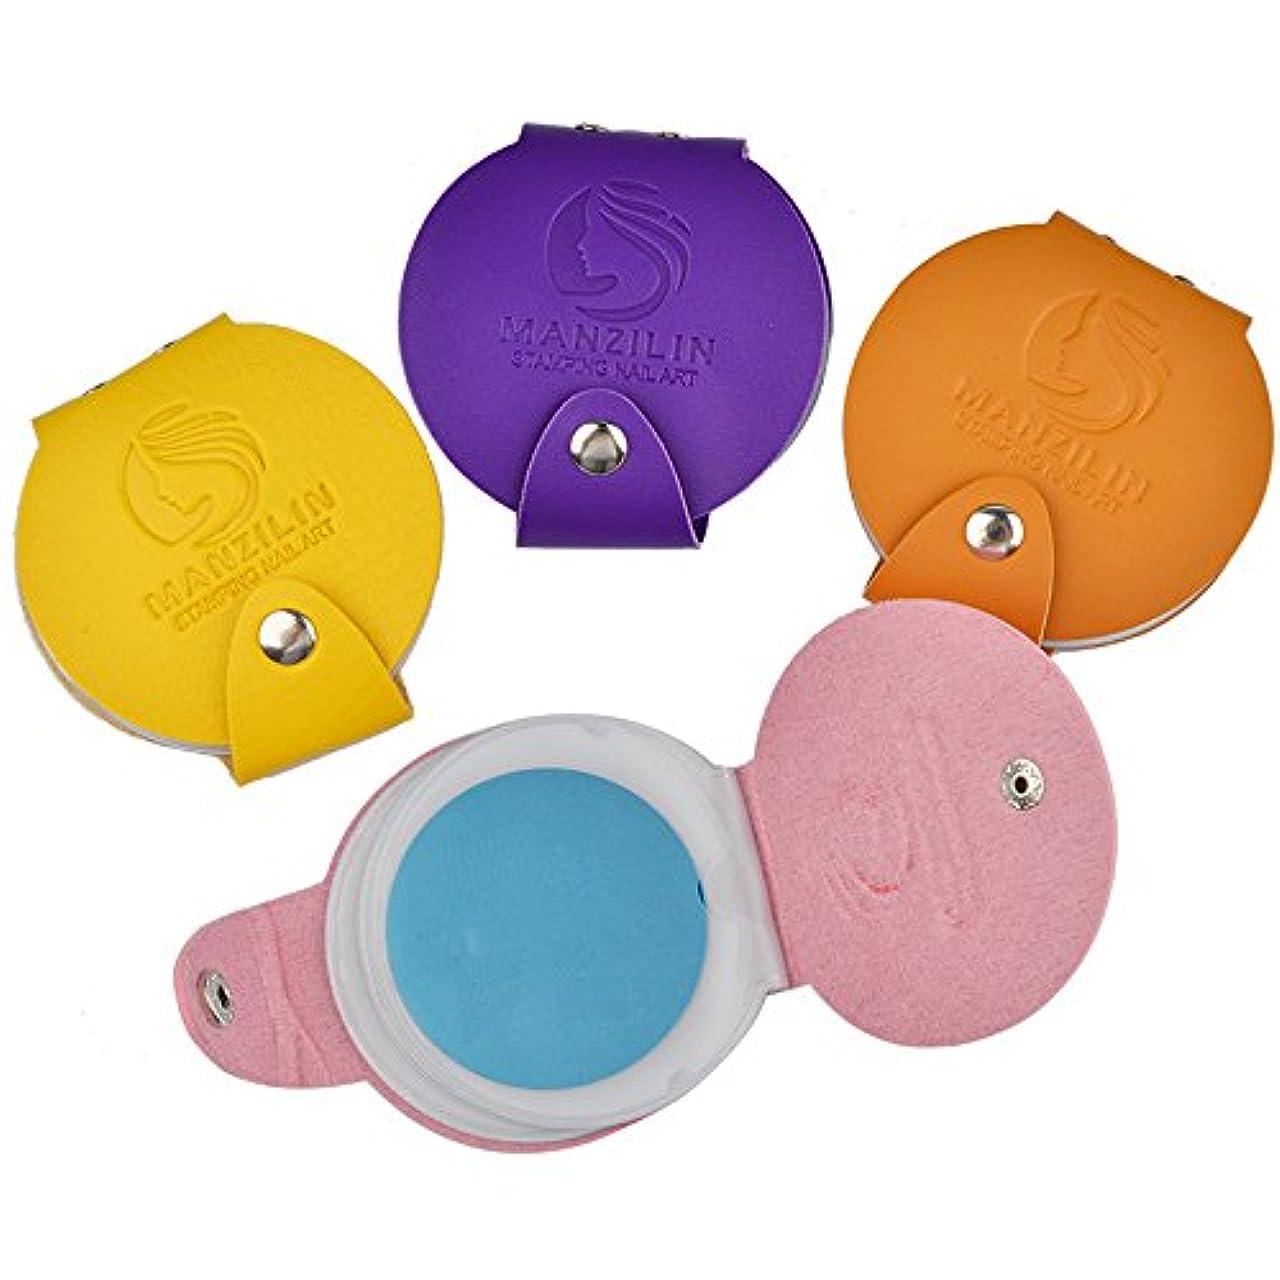 ナット耳カメスタンププレートケース イメージプレート収納ケース ネイルスタンプコレクションネイルツール12位(直径は5.6cmの円形スタンププレートに適する) (ピンク)